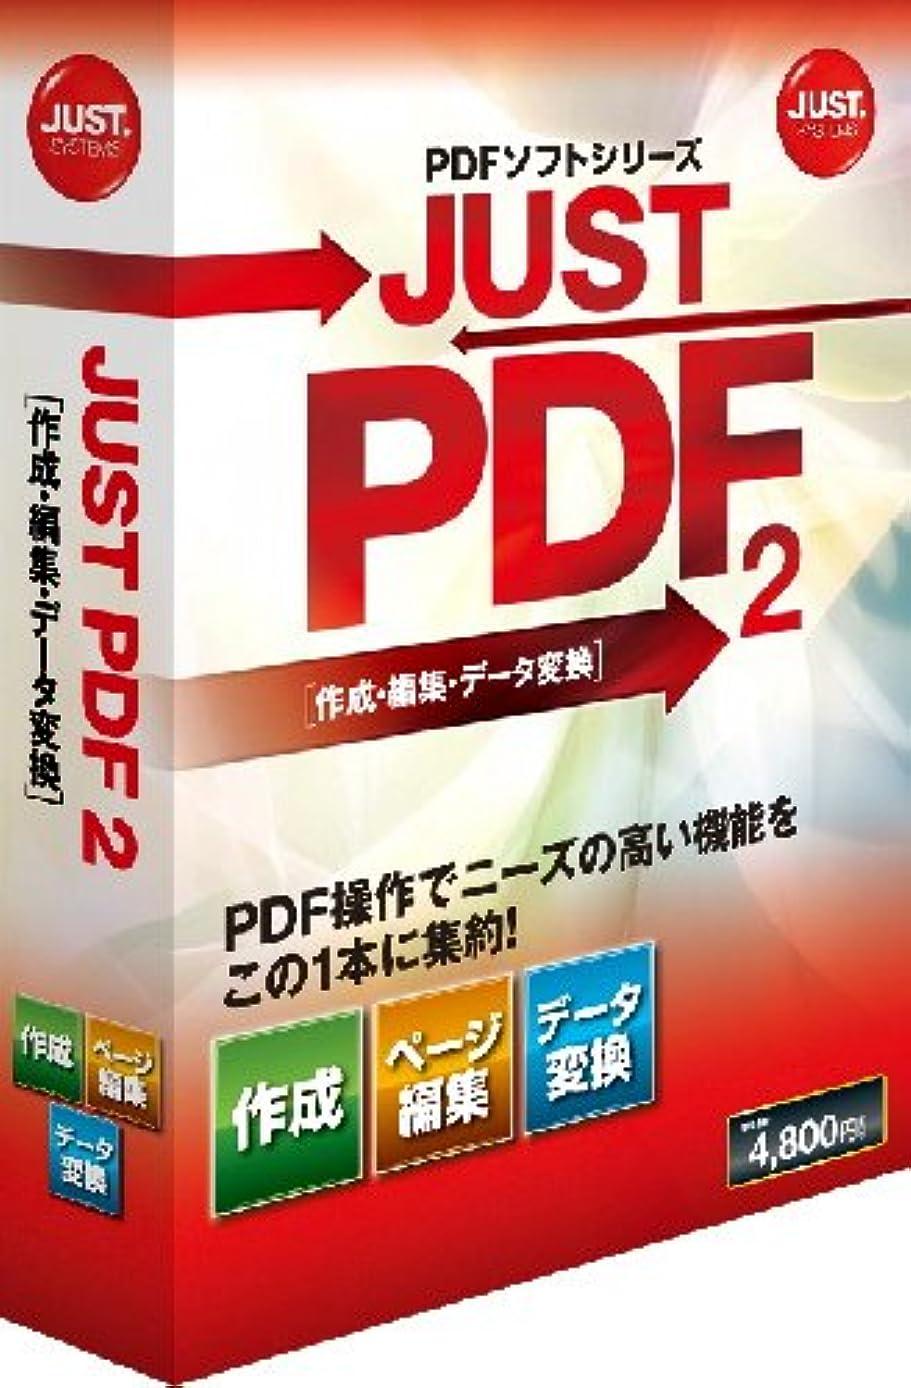 摂氏はしごトラフィックJUST PDF 2 [作成?編集?データ変換] 通常版